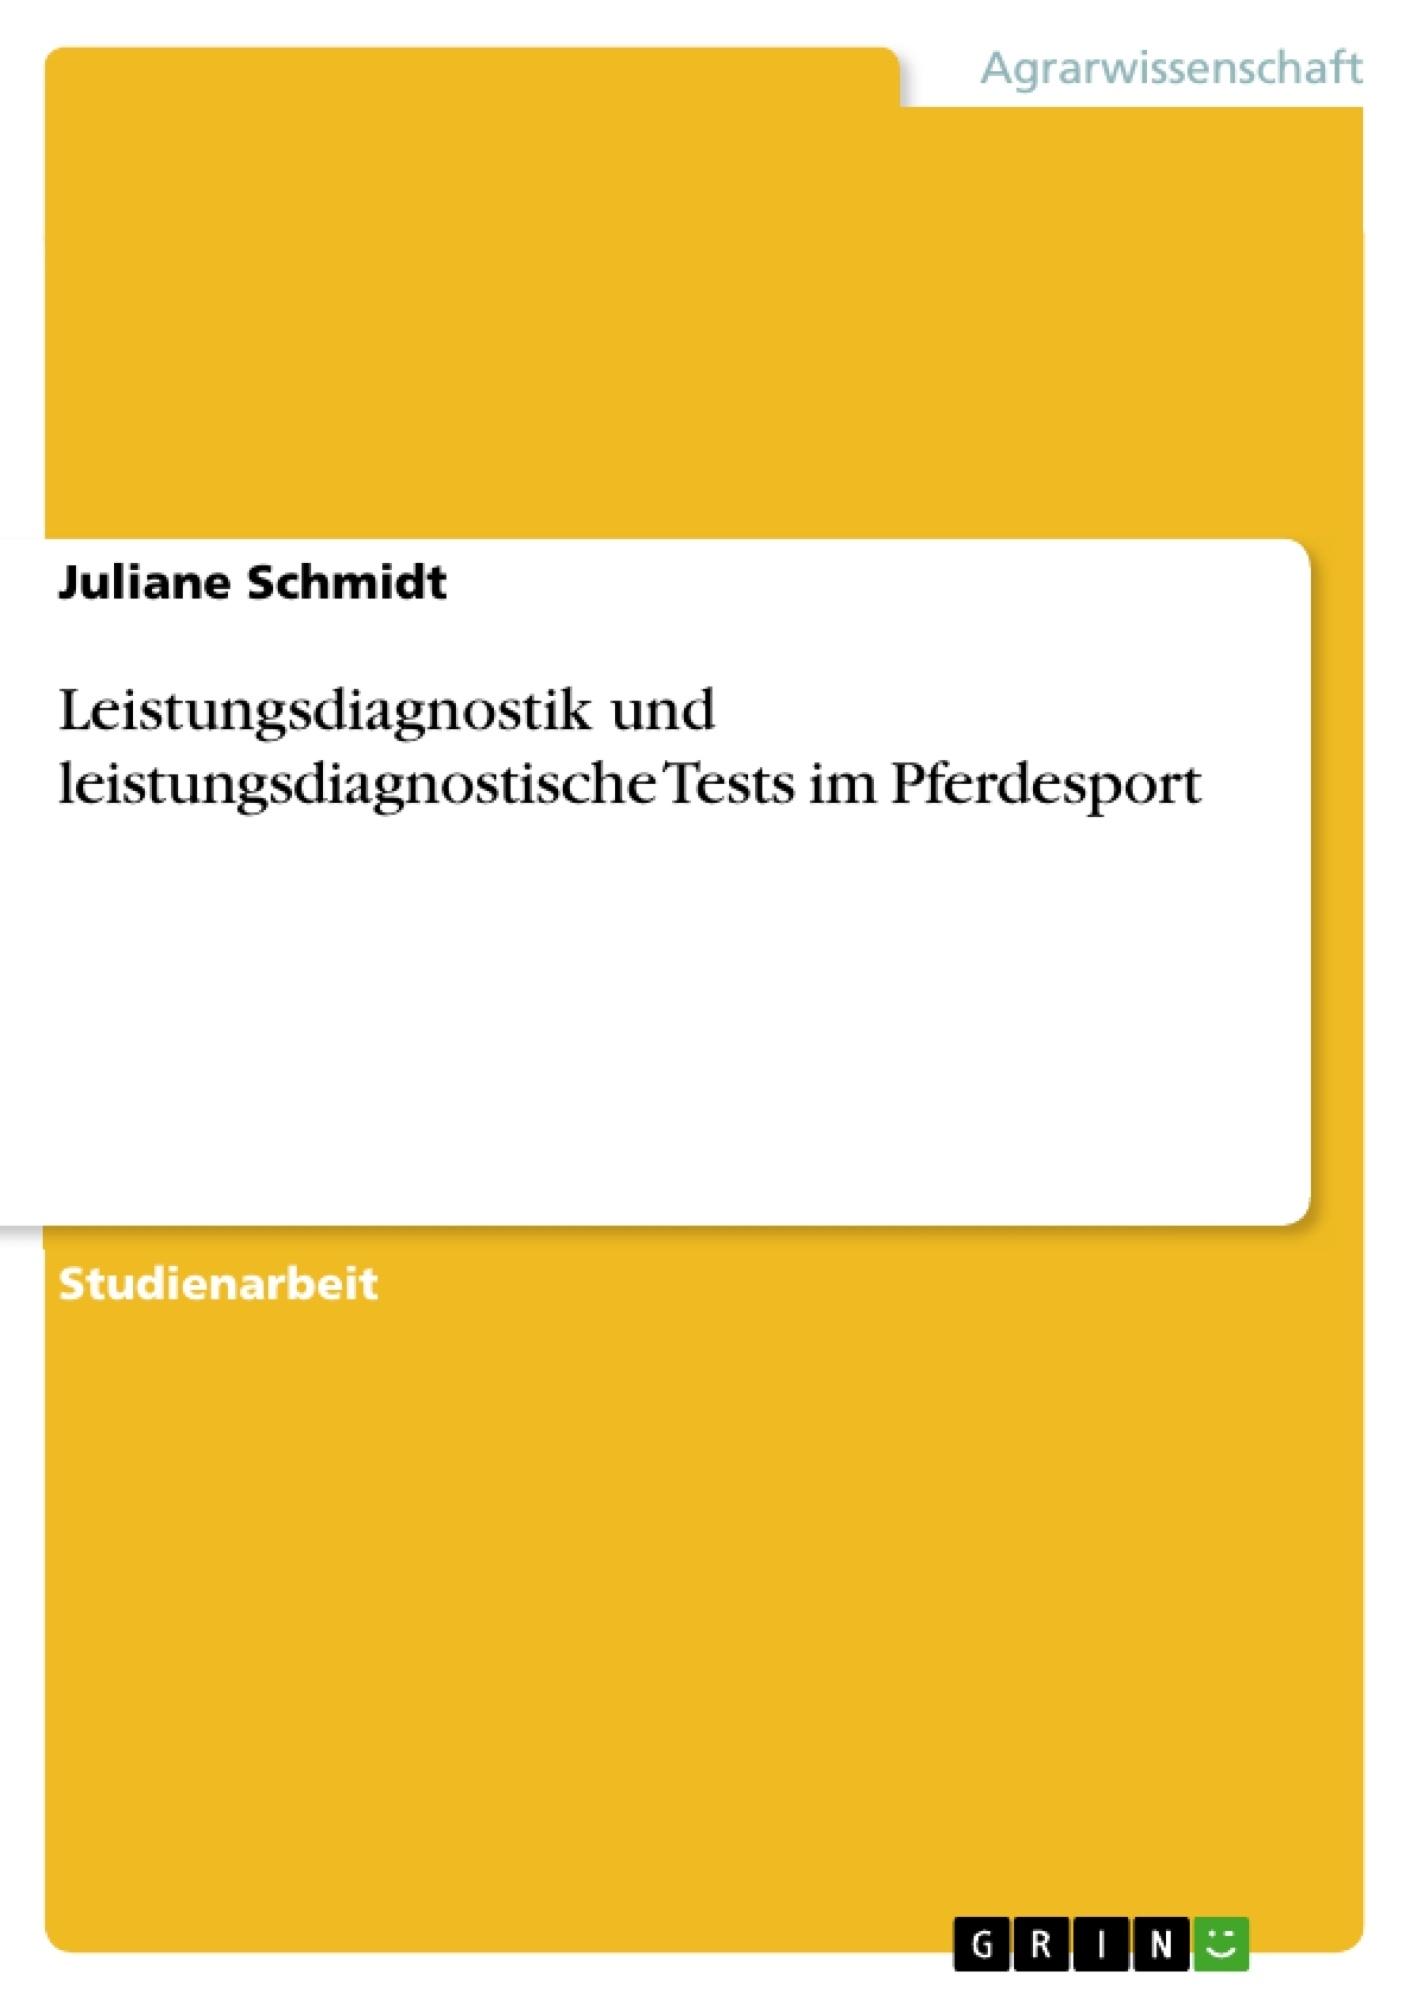 Titel: Leistungsdiagnostik und leistungsdiagnostische Tests im Pferdesport